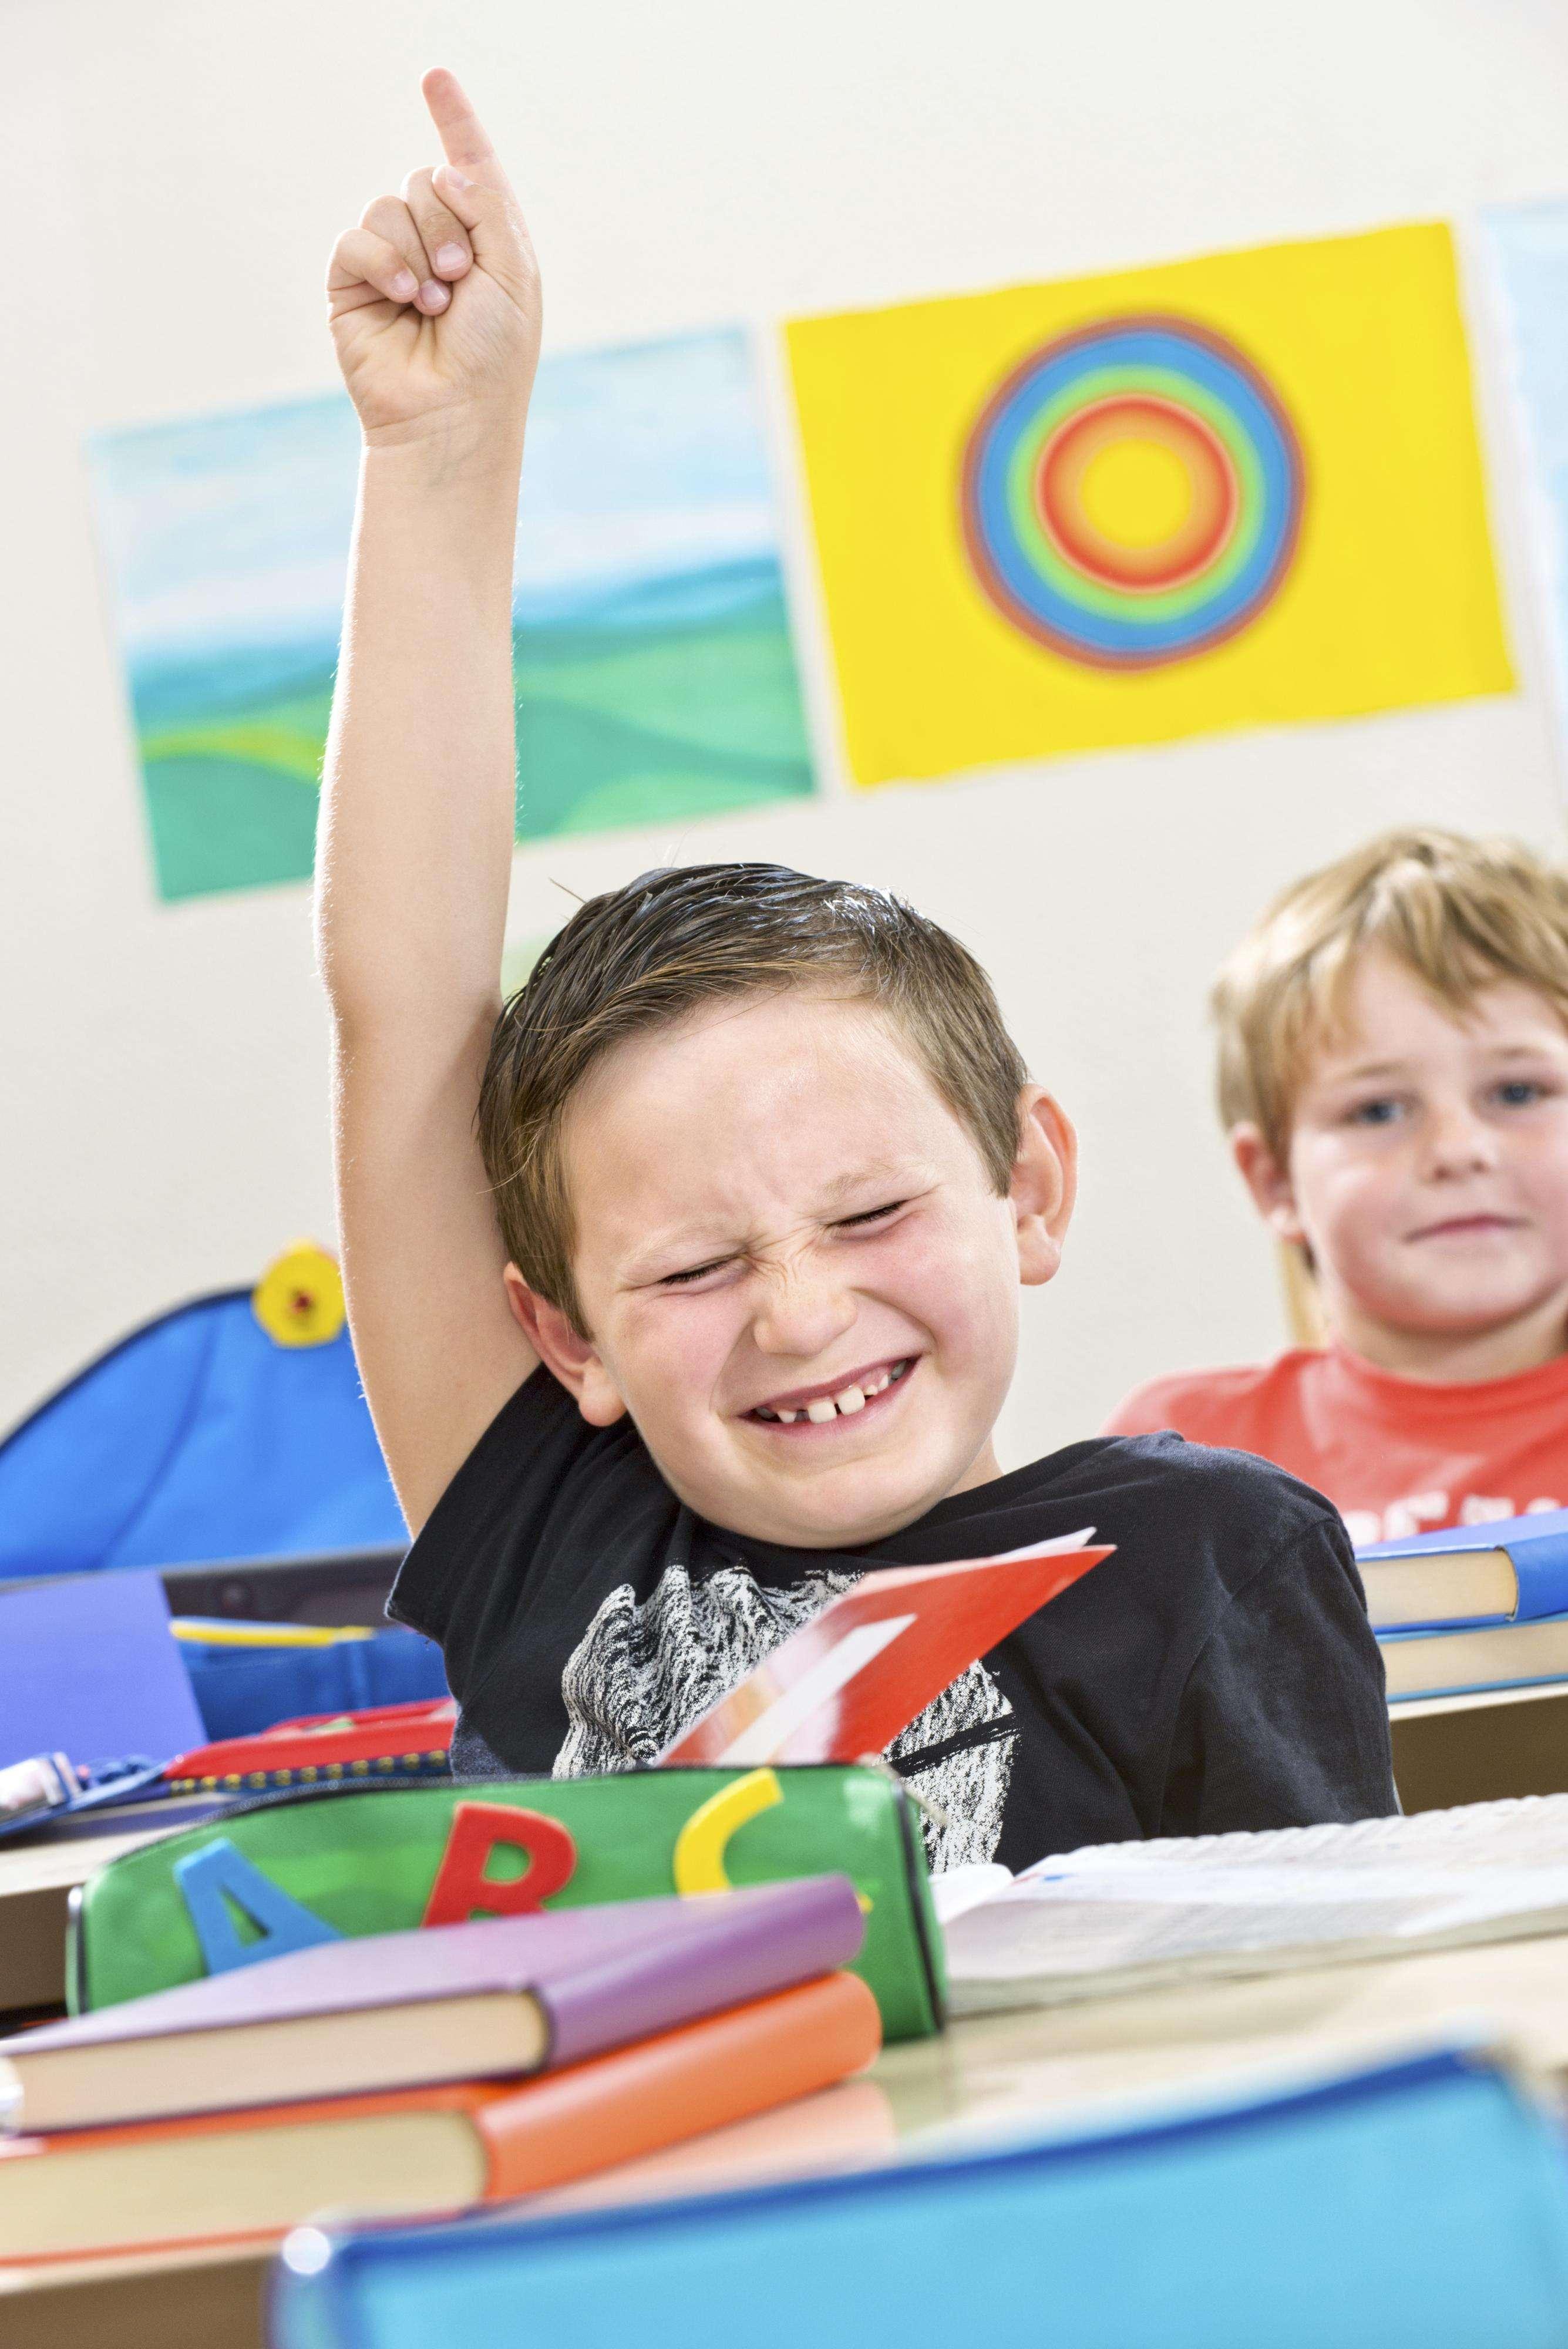 Escuela para niños. Foto: Thinkstock